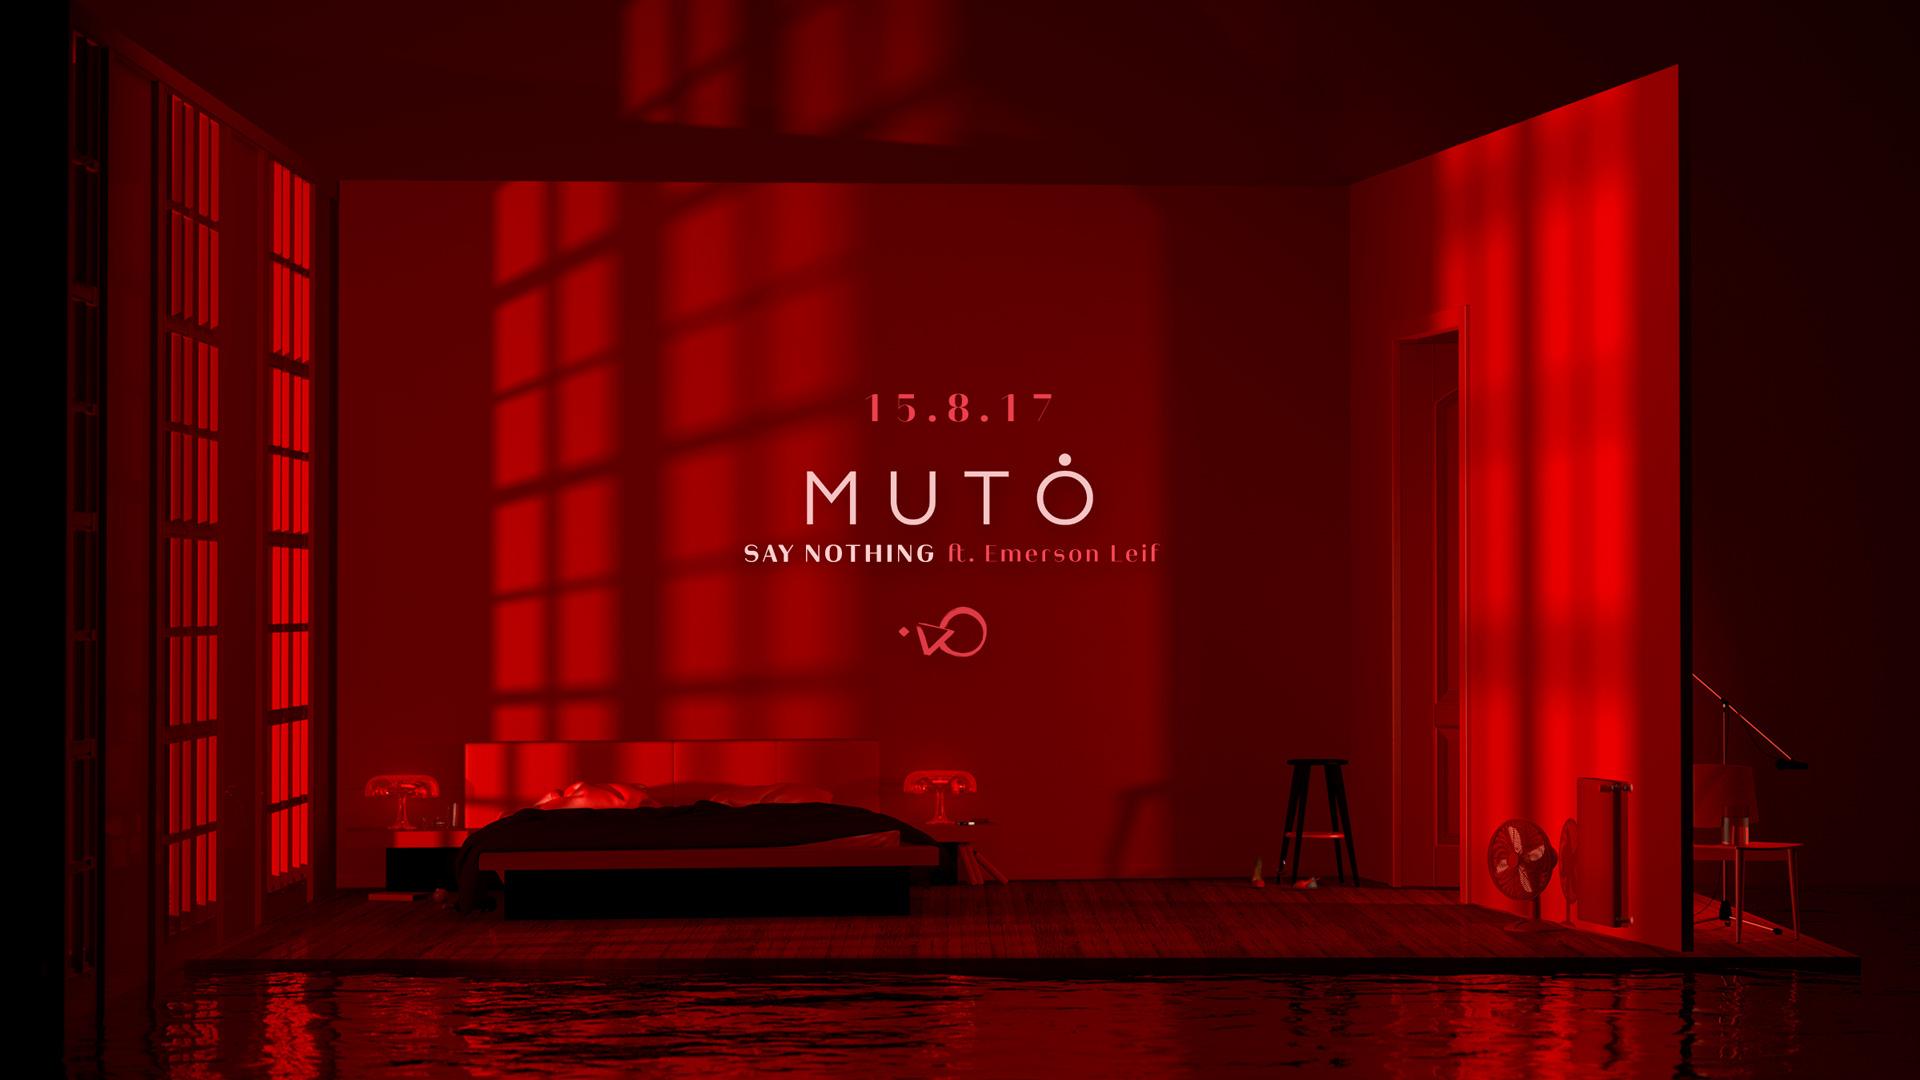 MUTO_REDROOM_WIP-11_1WIDE2.jpg